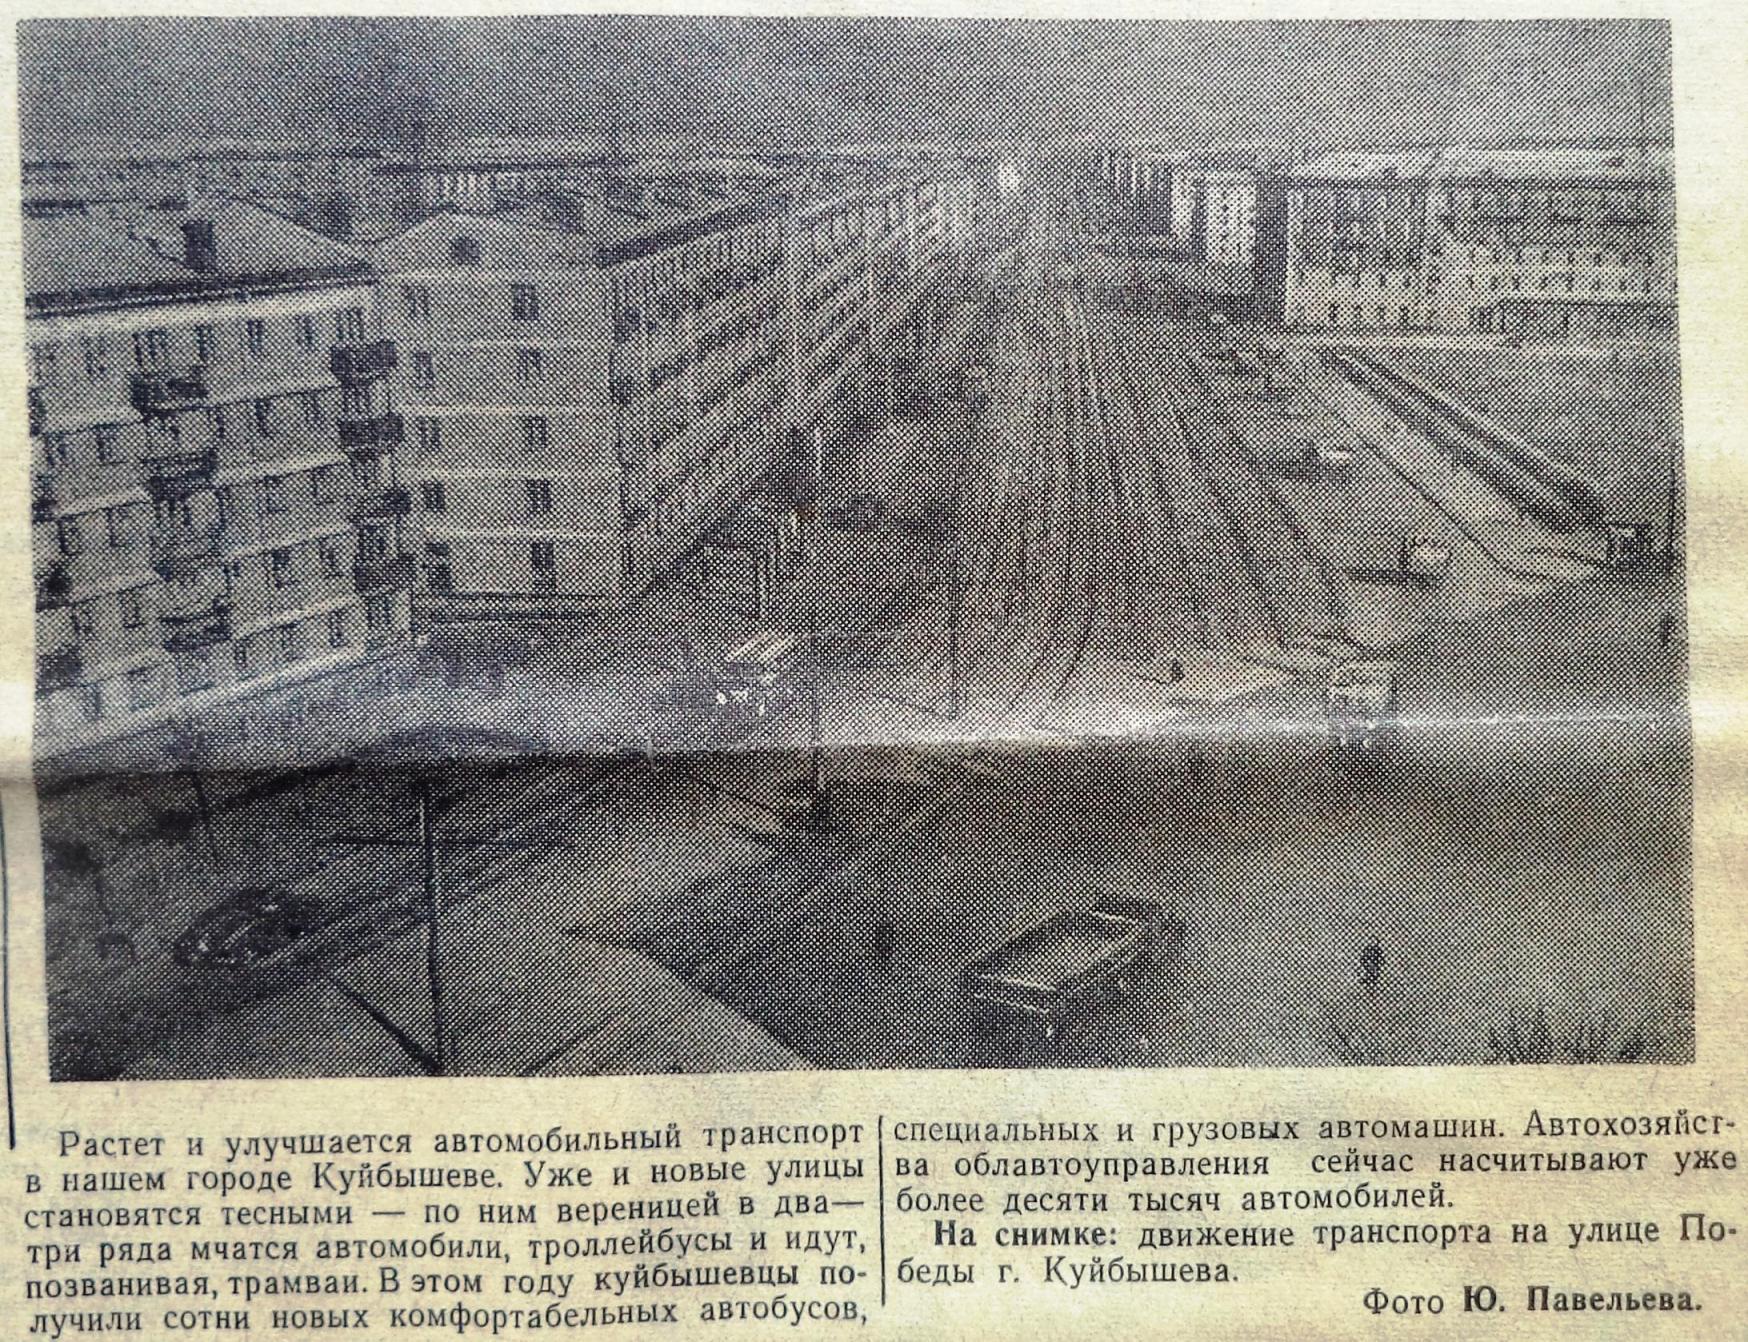 Победы-ФОТО-74-Автотранспортник-1964-24 ноября